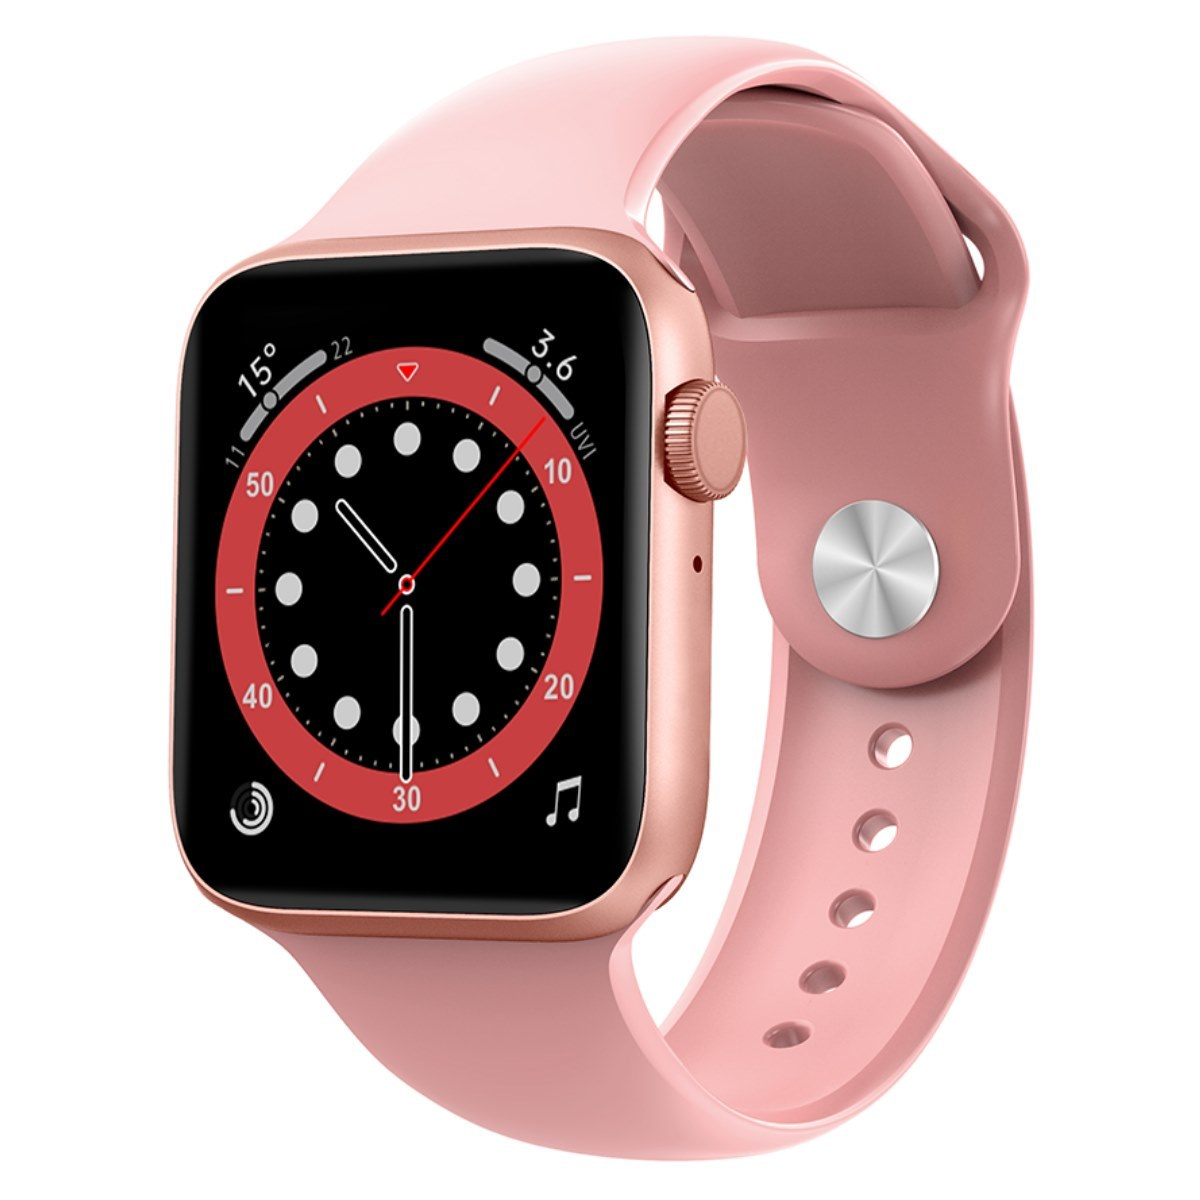 Каталог Часы Smart Watch IWO 13 Lite Смарт_часы_IWO_13_Lite__1_.jpg